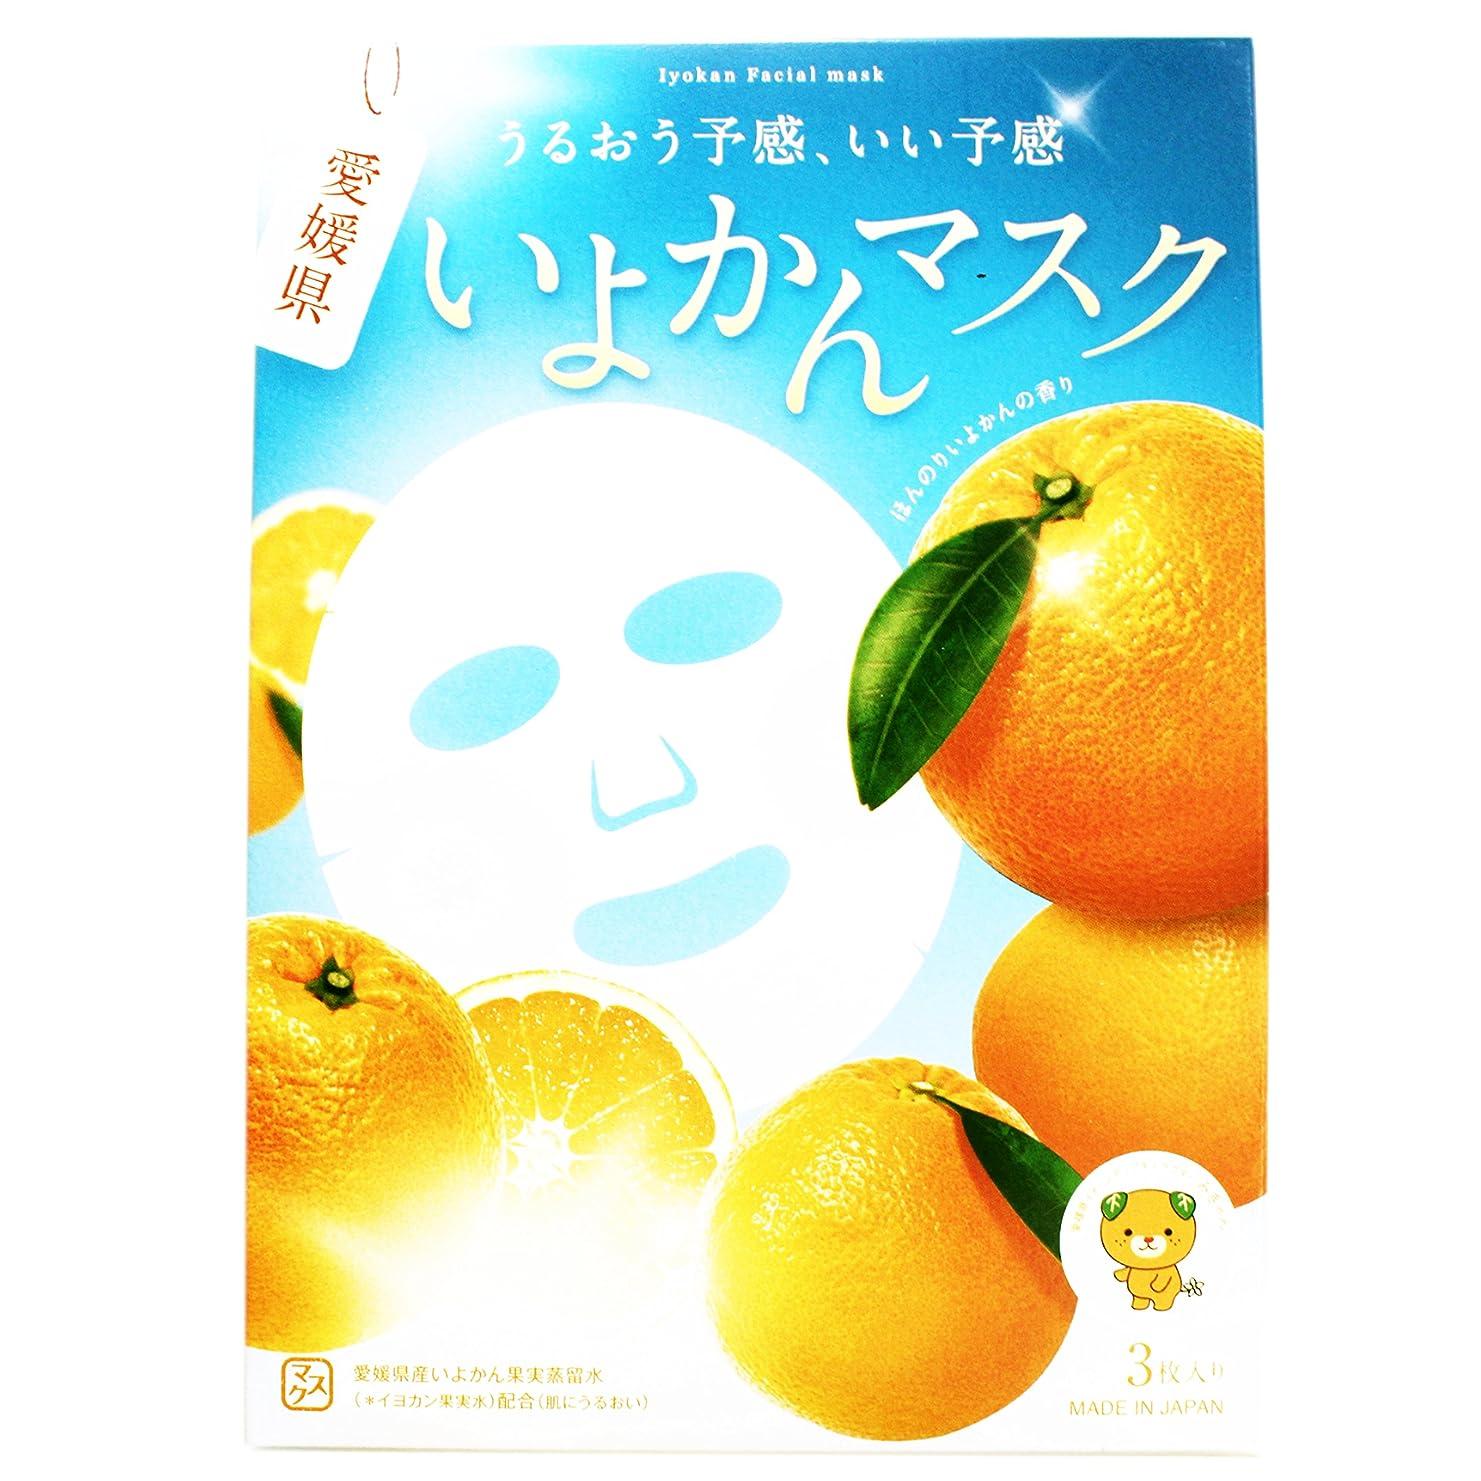 寄稿者ウォルターカニンガム専門愛媛県 いよかんマスク 3枚入り